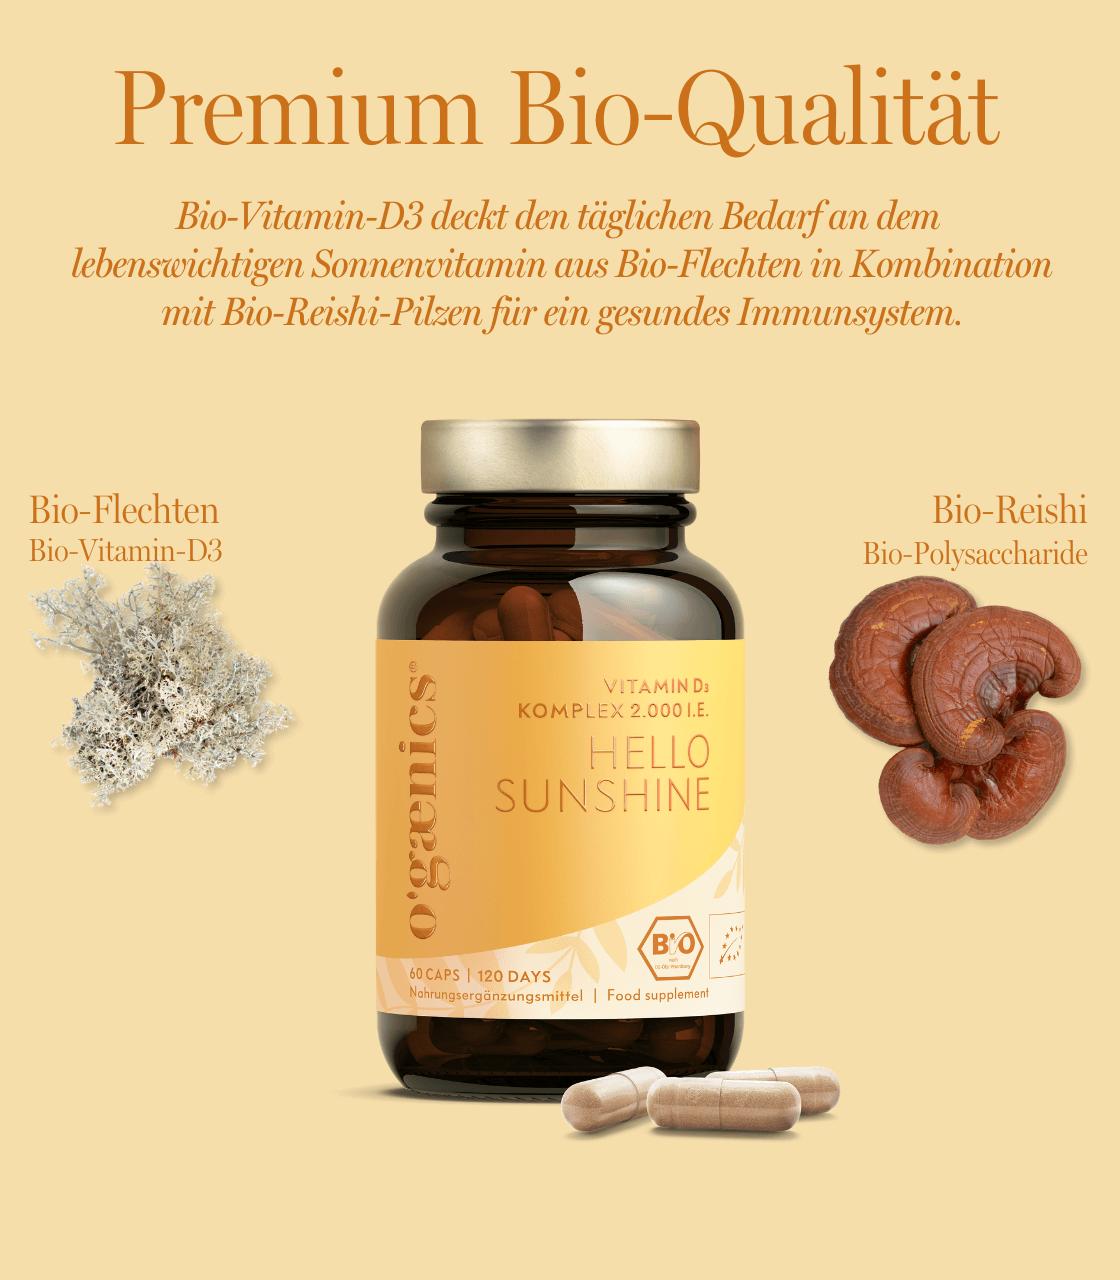 hello-sunshine-bio-vitamin-d3-komplex-2000ie-nahrungsergaenzung